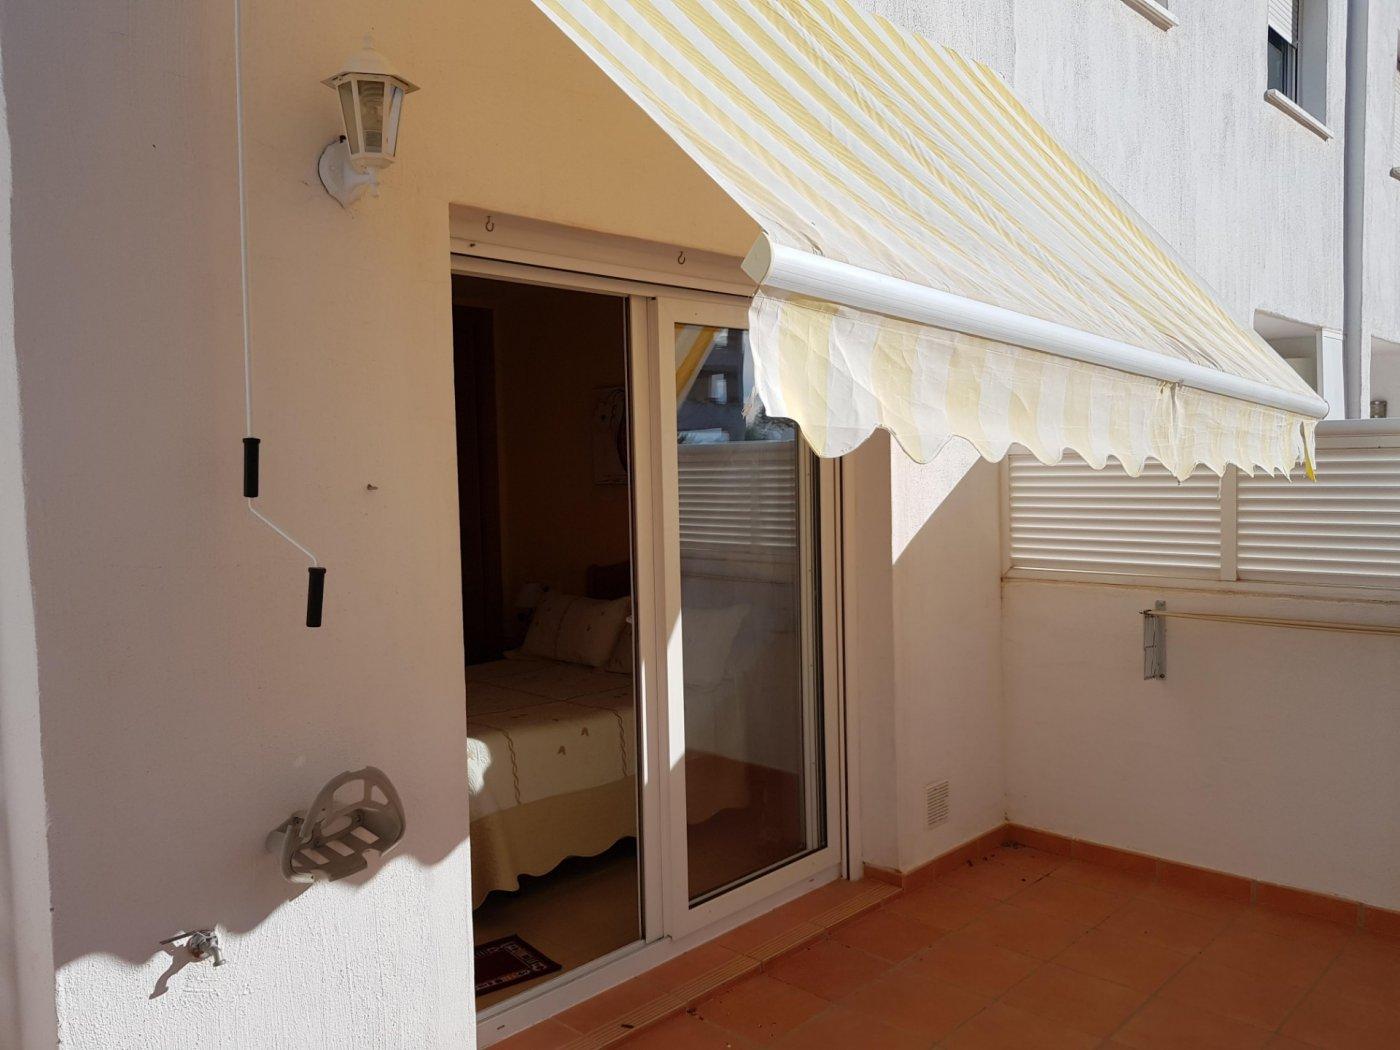 Gallery Image 18 of Planta Baja de 3 Dormitorios en los Naranjos 4 con orientacion este oeste, Condado de Alhama